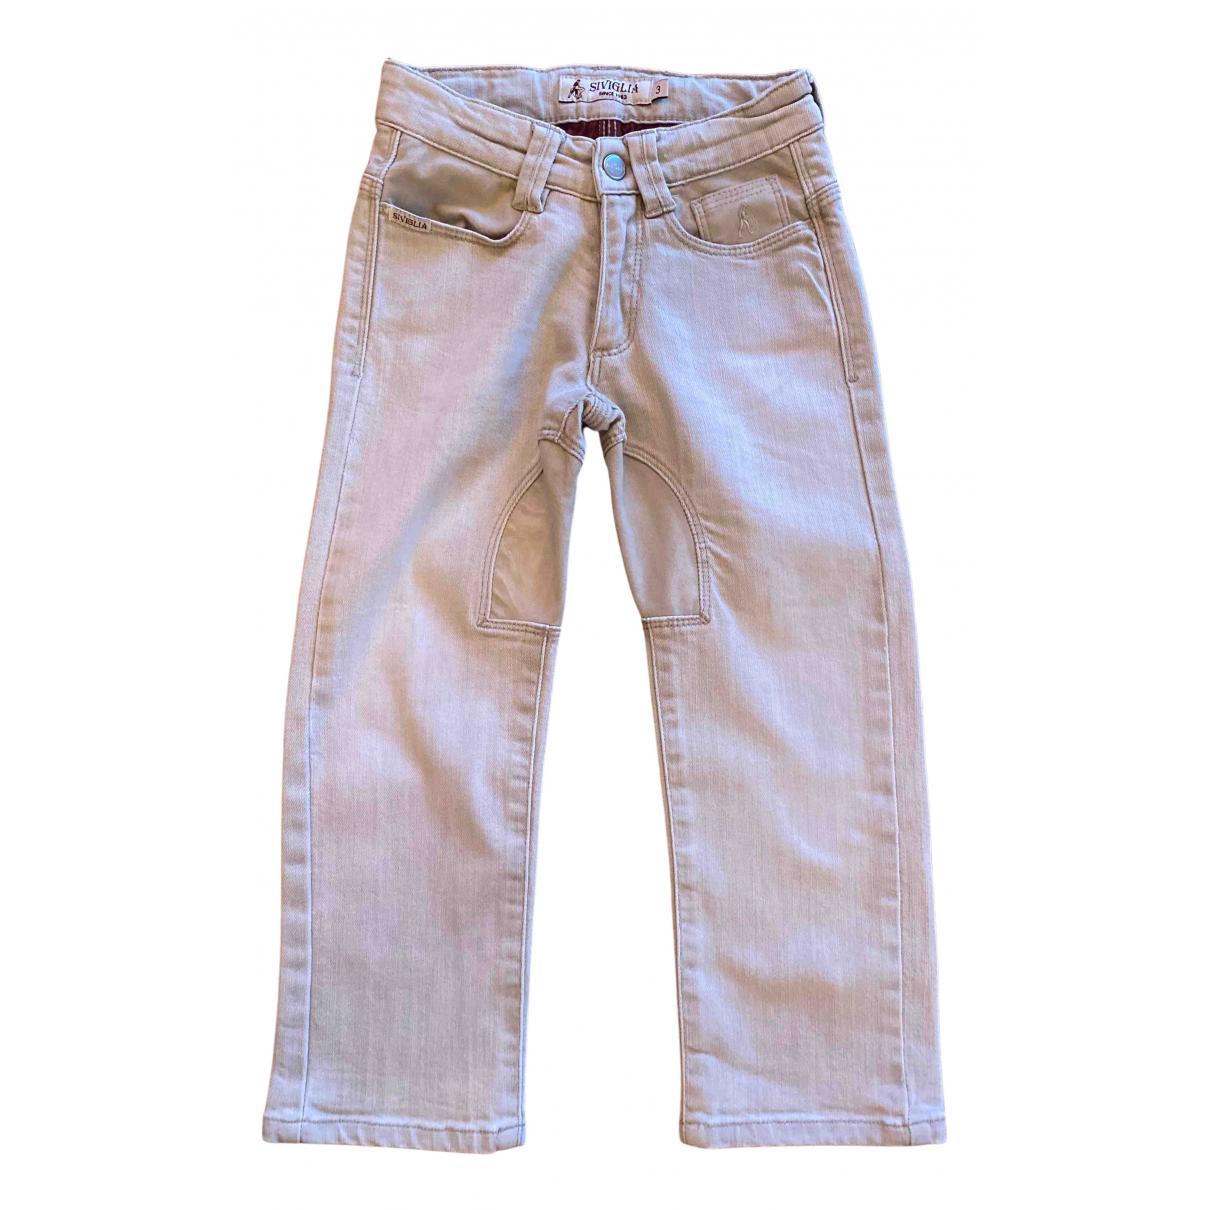 Atelier Siviglia - Pantalon   pour enfant en denim - beige